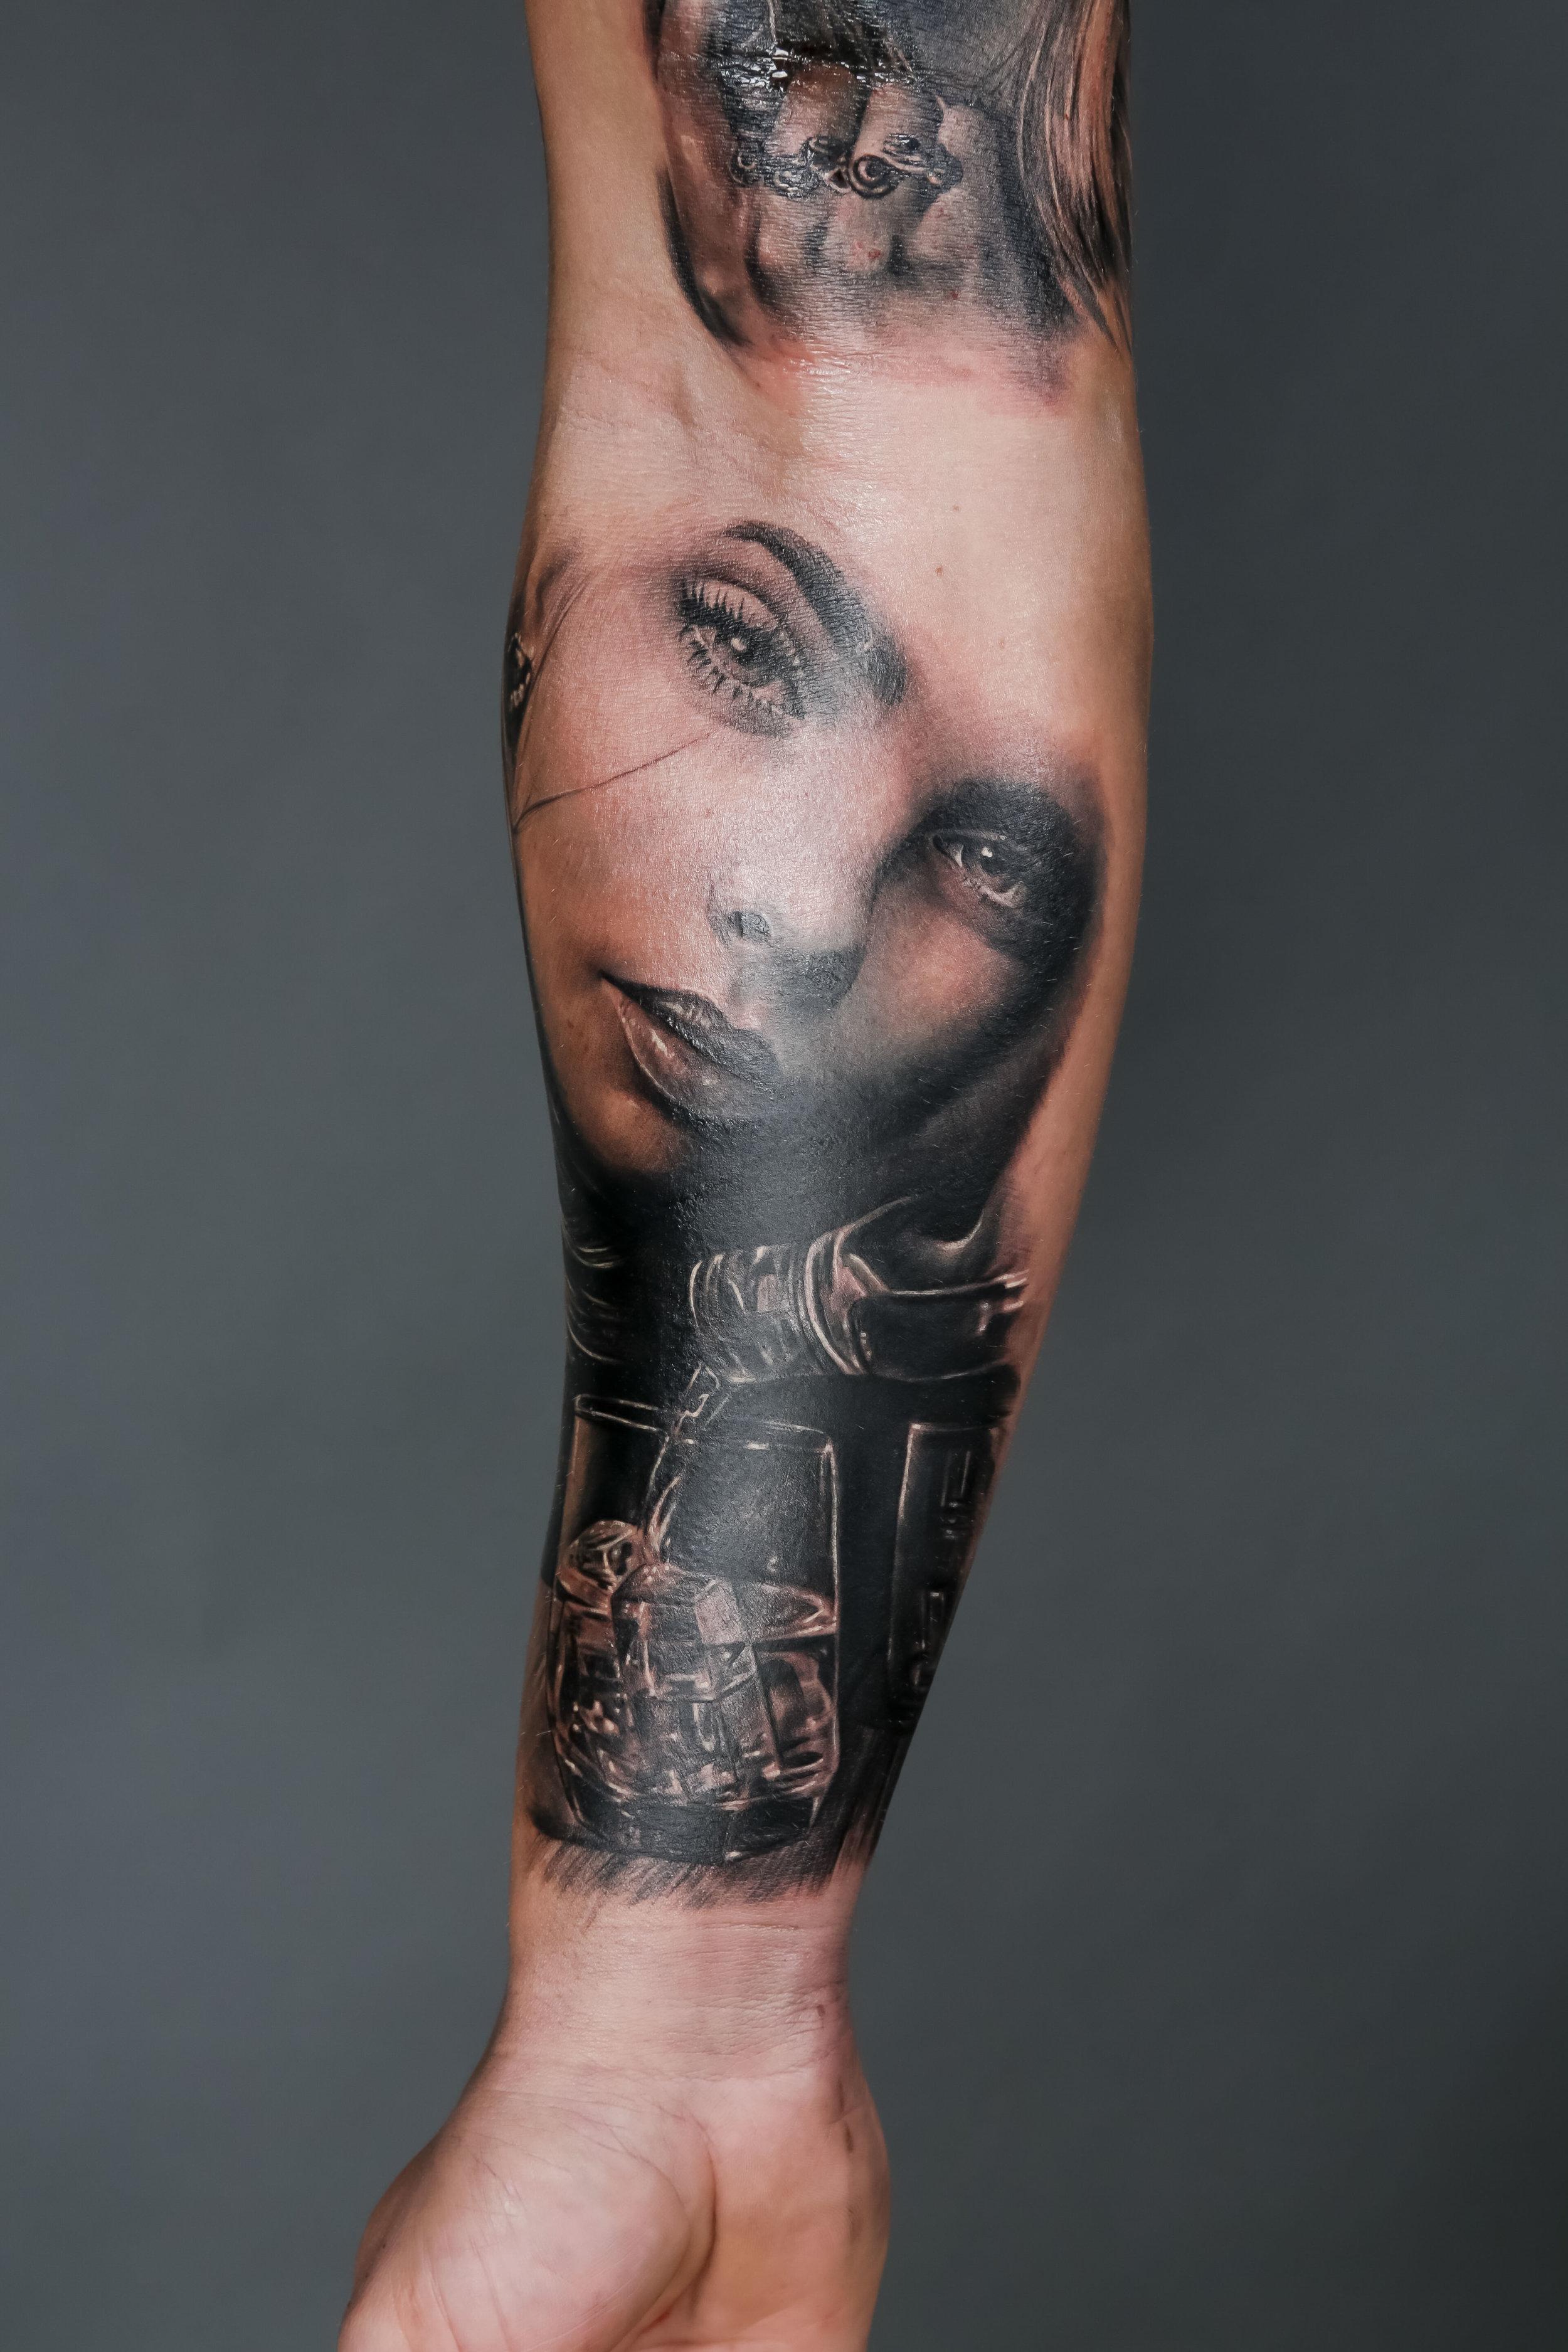 Realism Runner-Up by Brigi Fuzes, Diamond Heart Tattoo